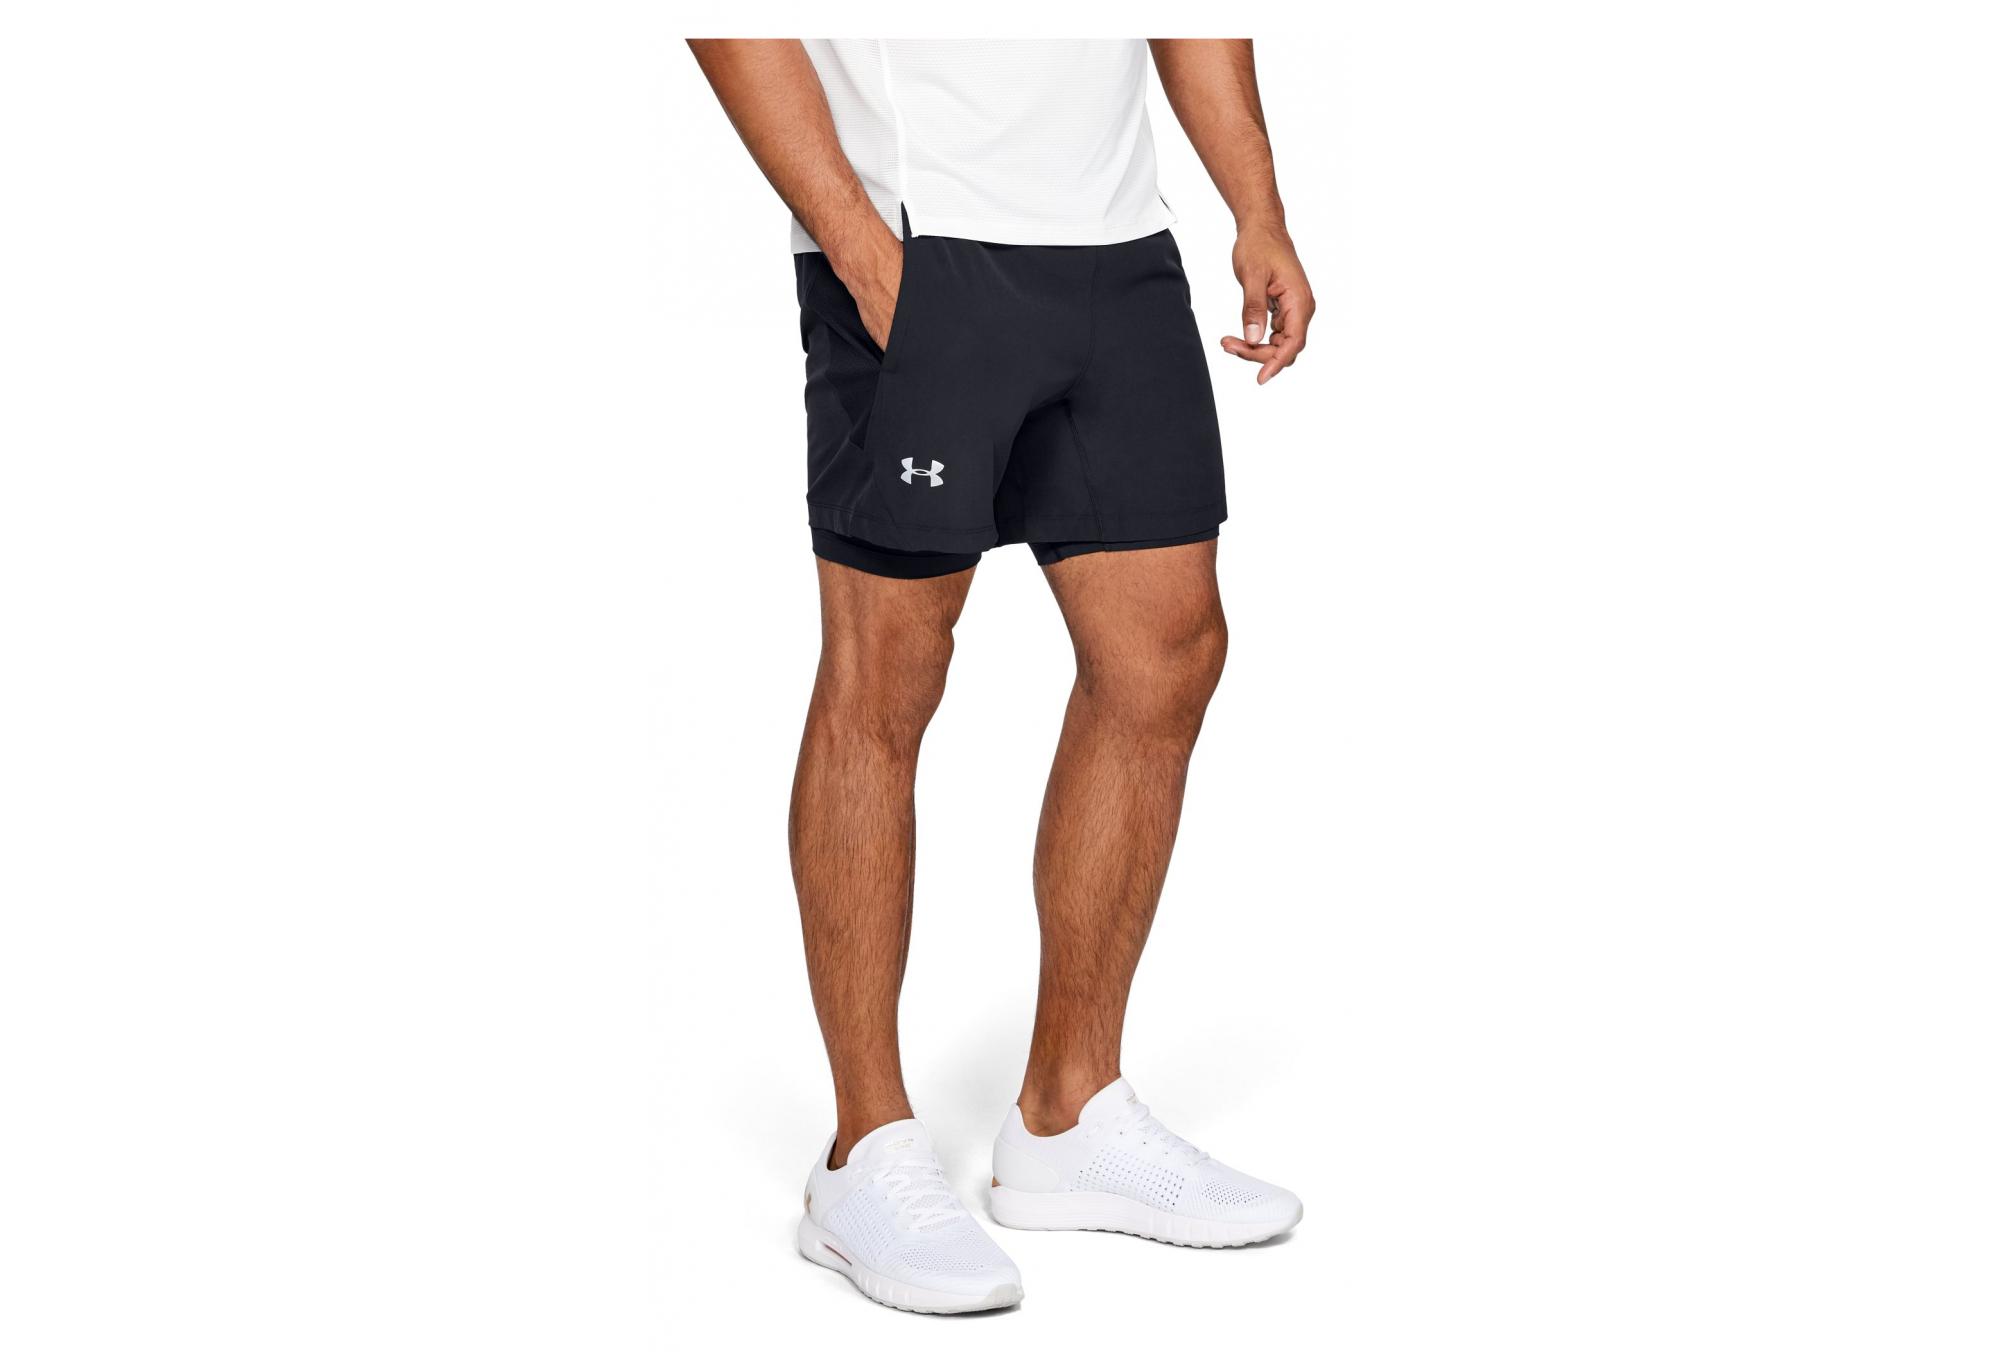 precio descuento especial moderno y elegante en moda Under Armour Qualifier Speedpocket 2-in-1 Shorts Black   Alltricks.com